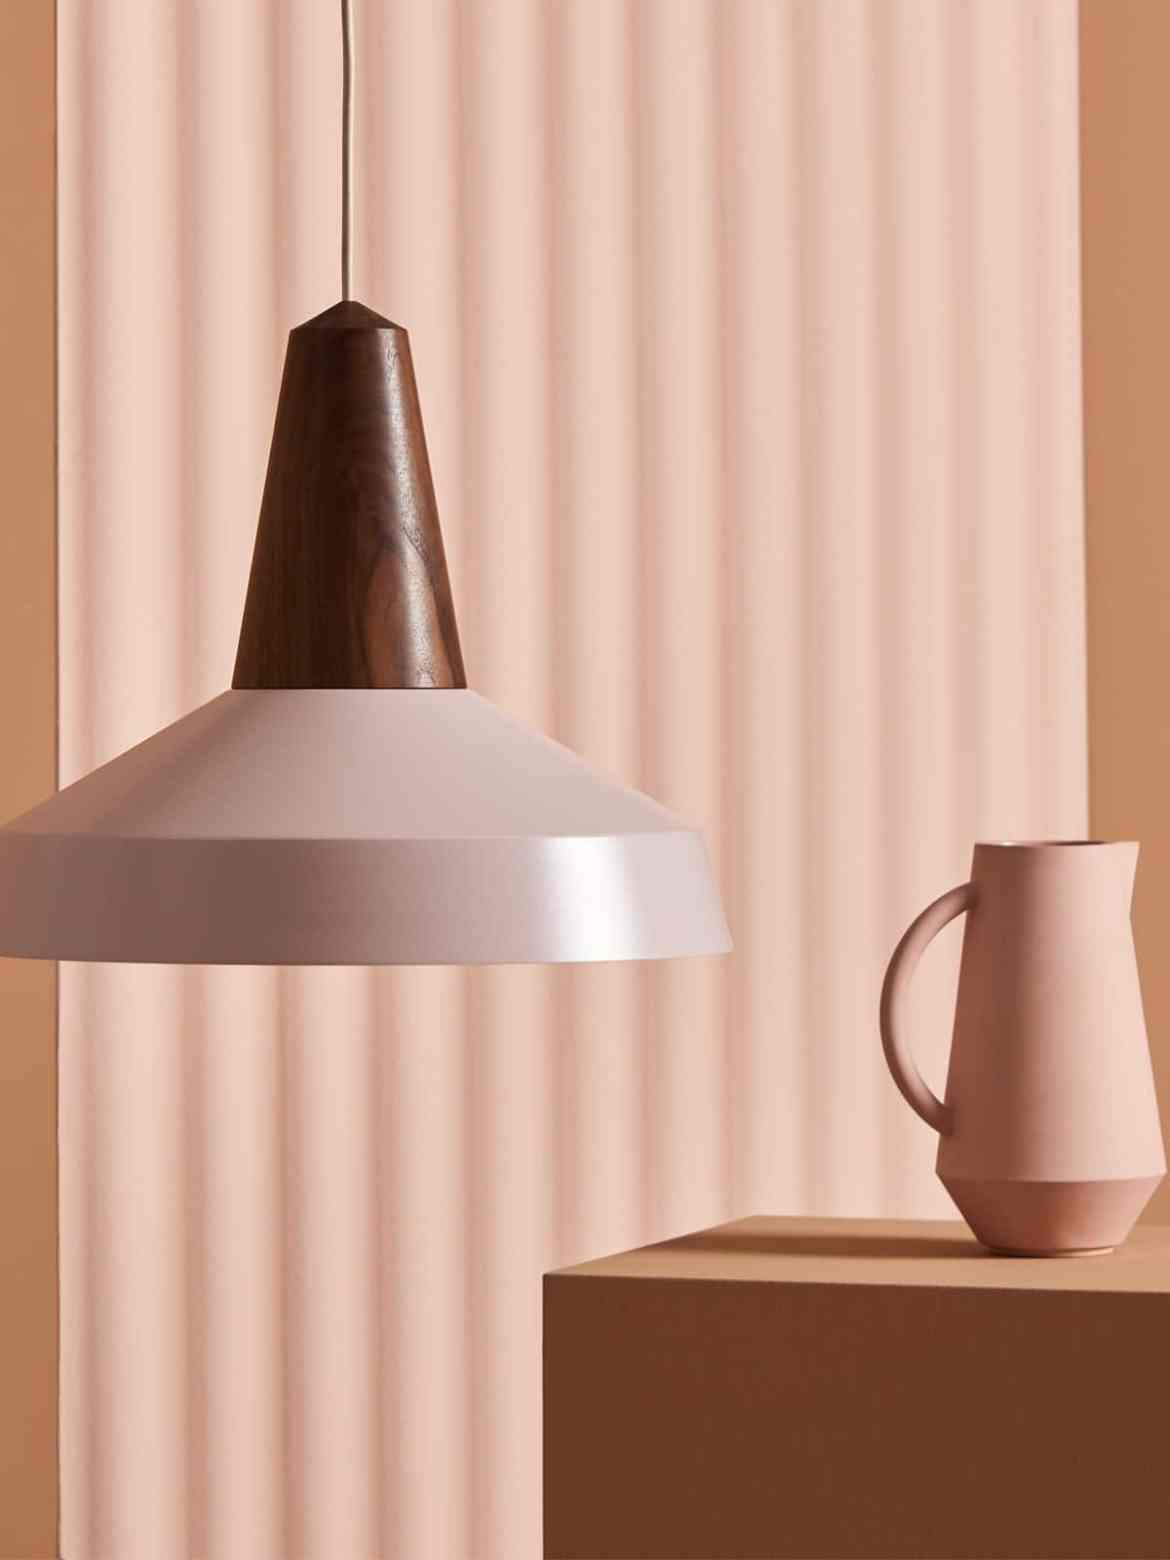 DesignOrt Blog: Was ist eine Systemleuchte? nachhaltige Leuchte mit wechselbarem Lampenschirm Eikon Circus von Schneid